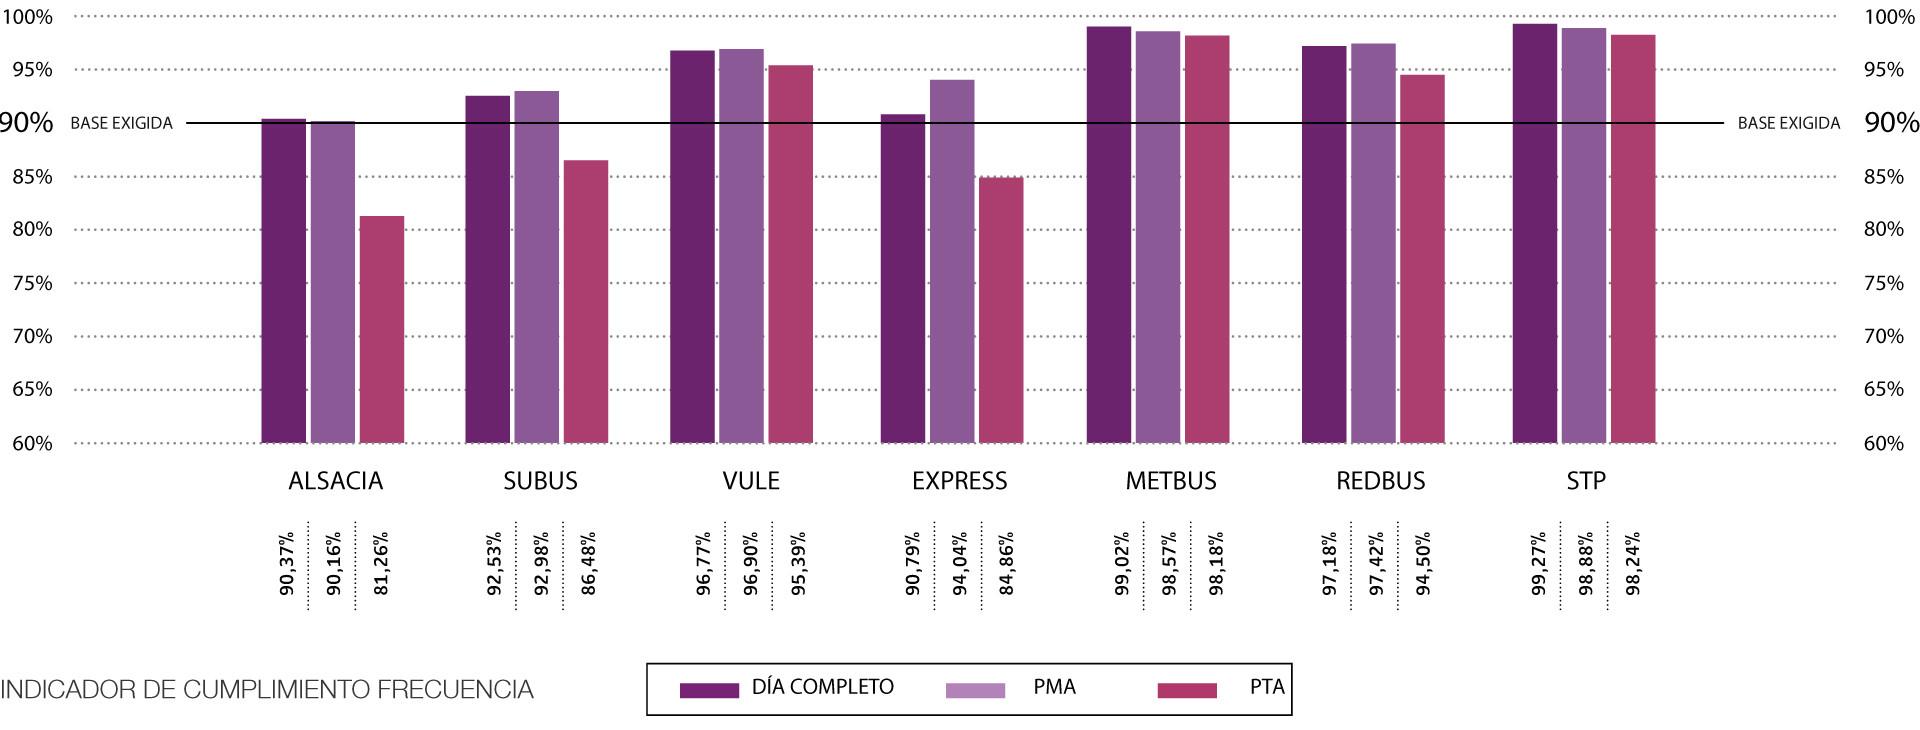 STP lidera Ranking de Calidad de Servicio publicado por DTPM